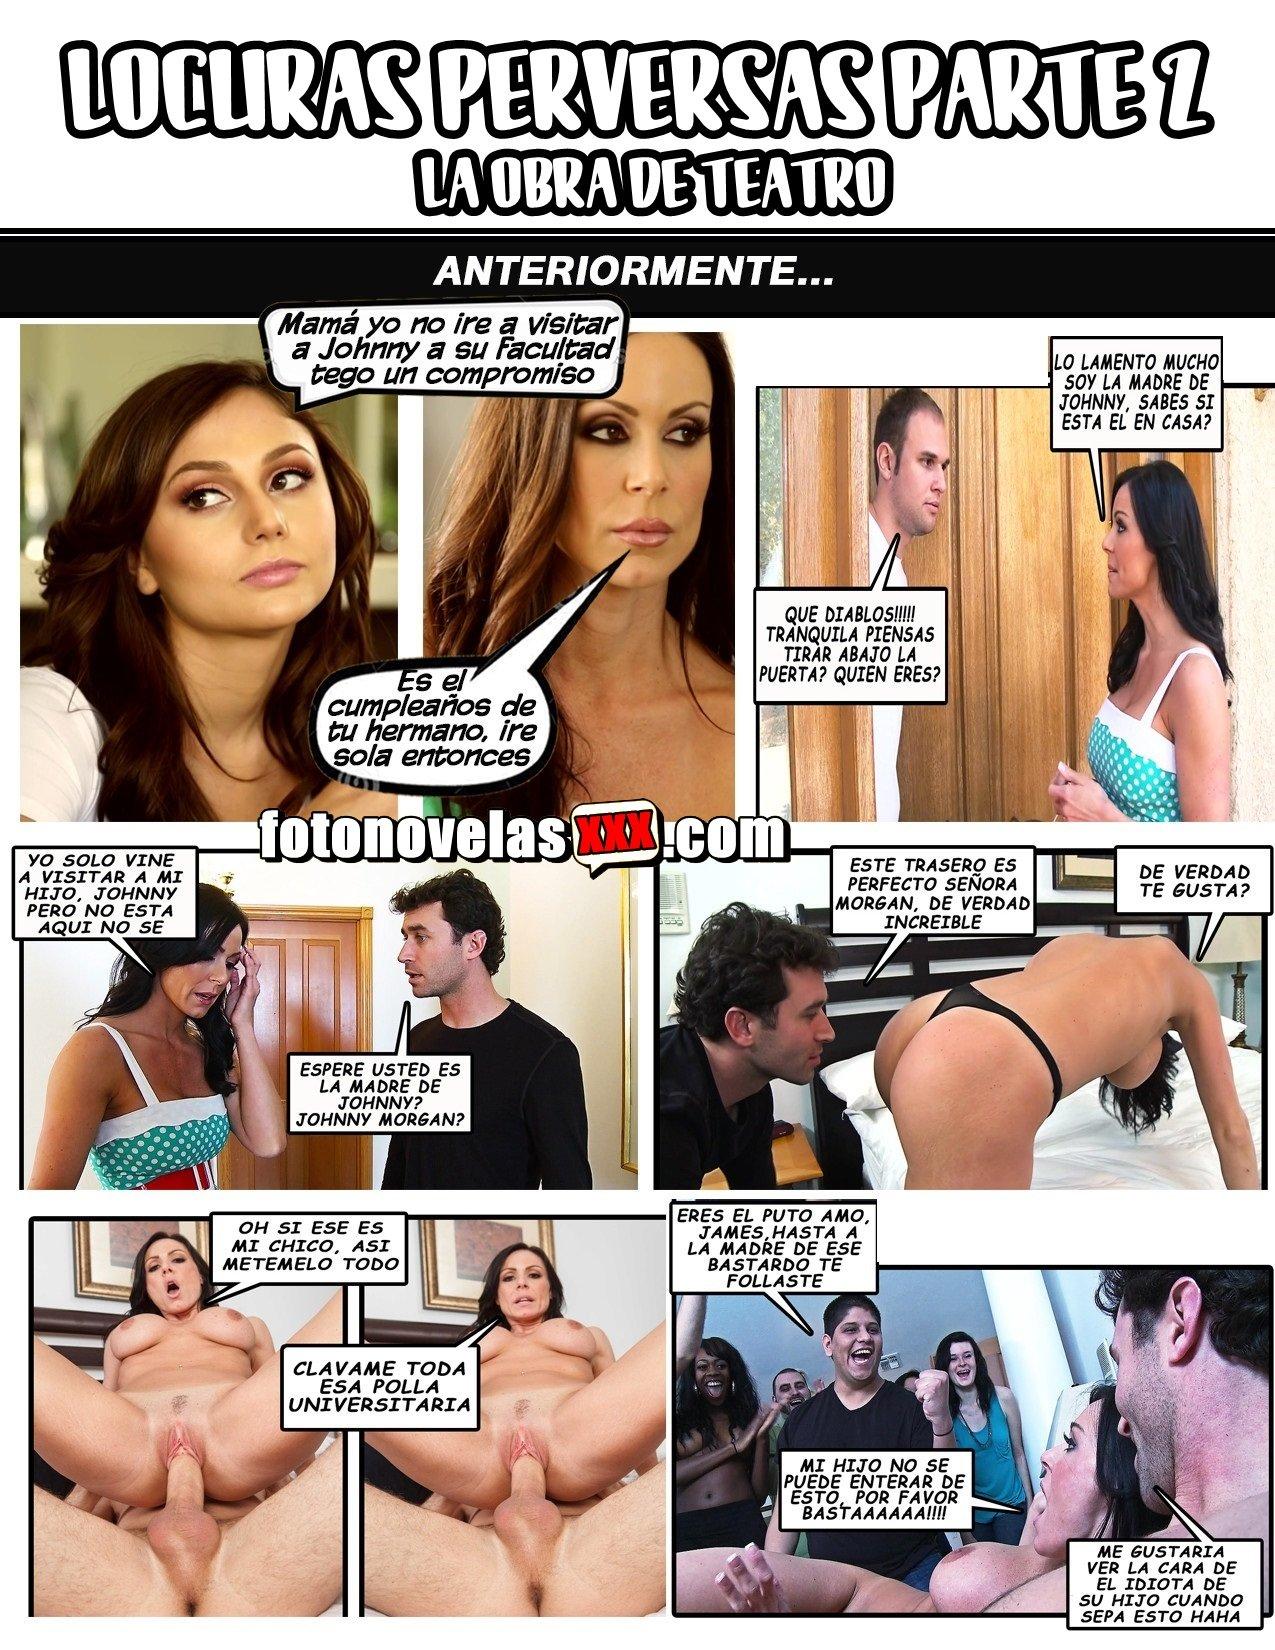 Actrices Porno De La Aa La Z 100 el mejor imágenes actrices porno de la a la z | feight